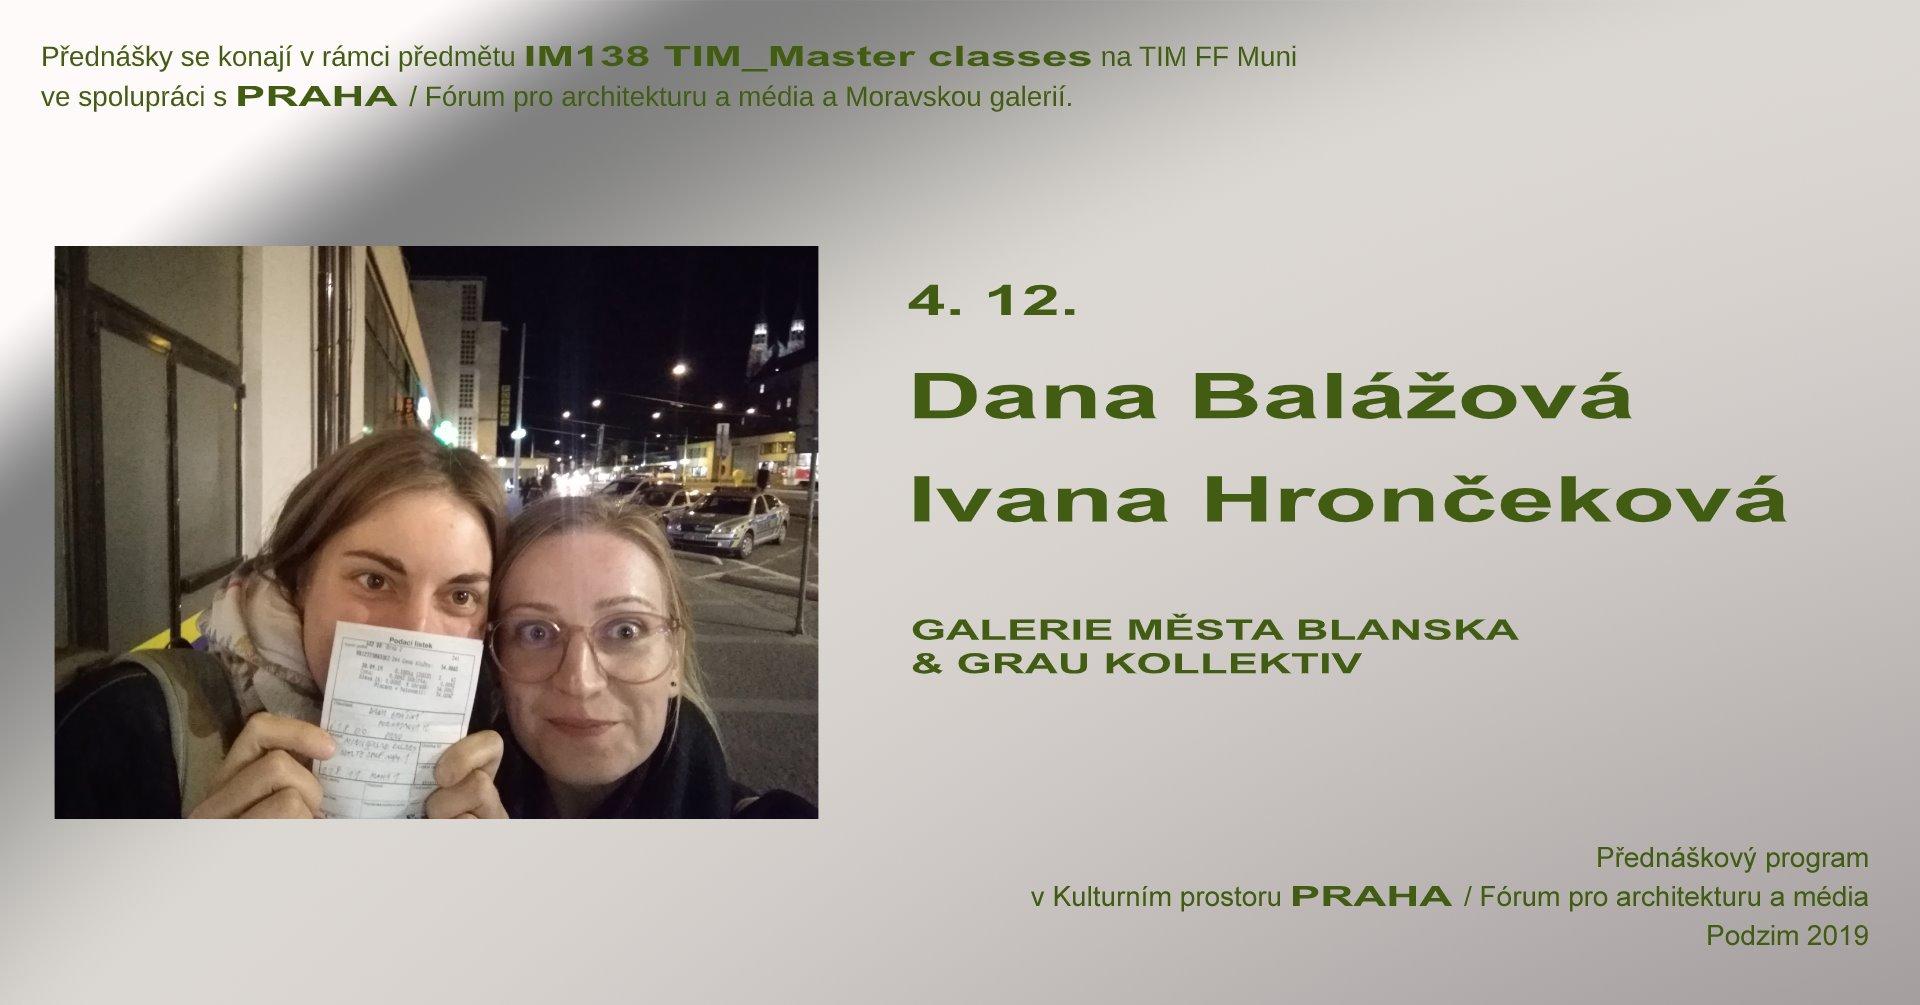 ST / 4.12. / 19.00 / TIM Master class: Ivana Hrončeková, Dana Balážová – Galerie města Blanska vs Grau kollektiv / přednáška, diskuse